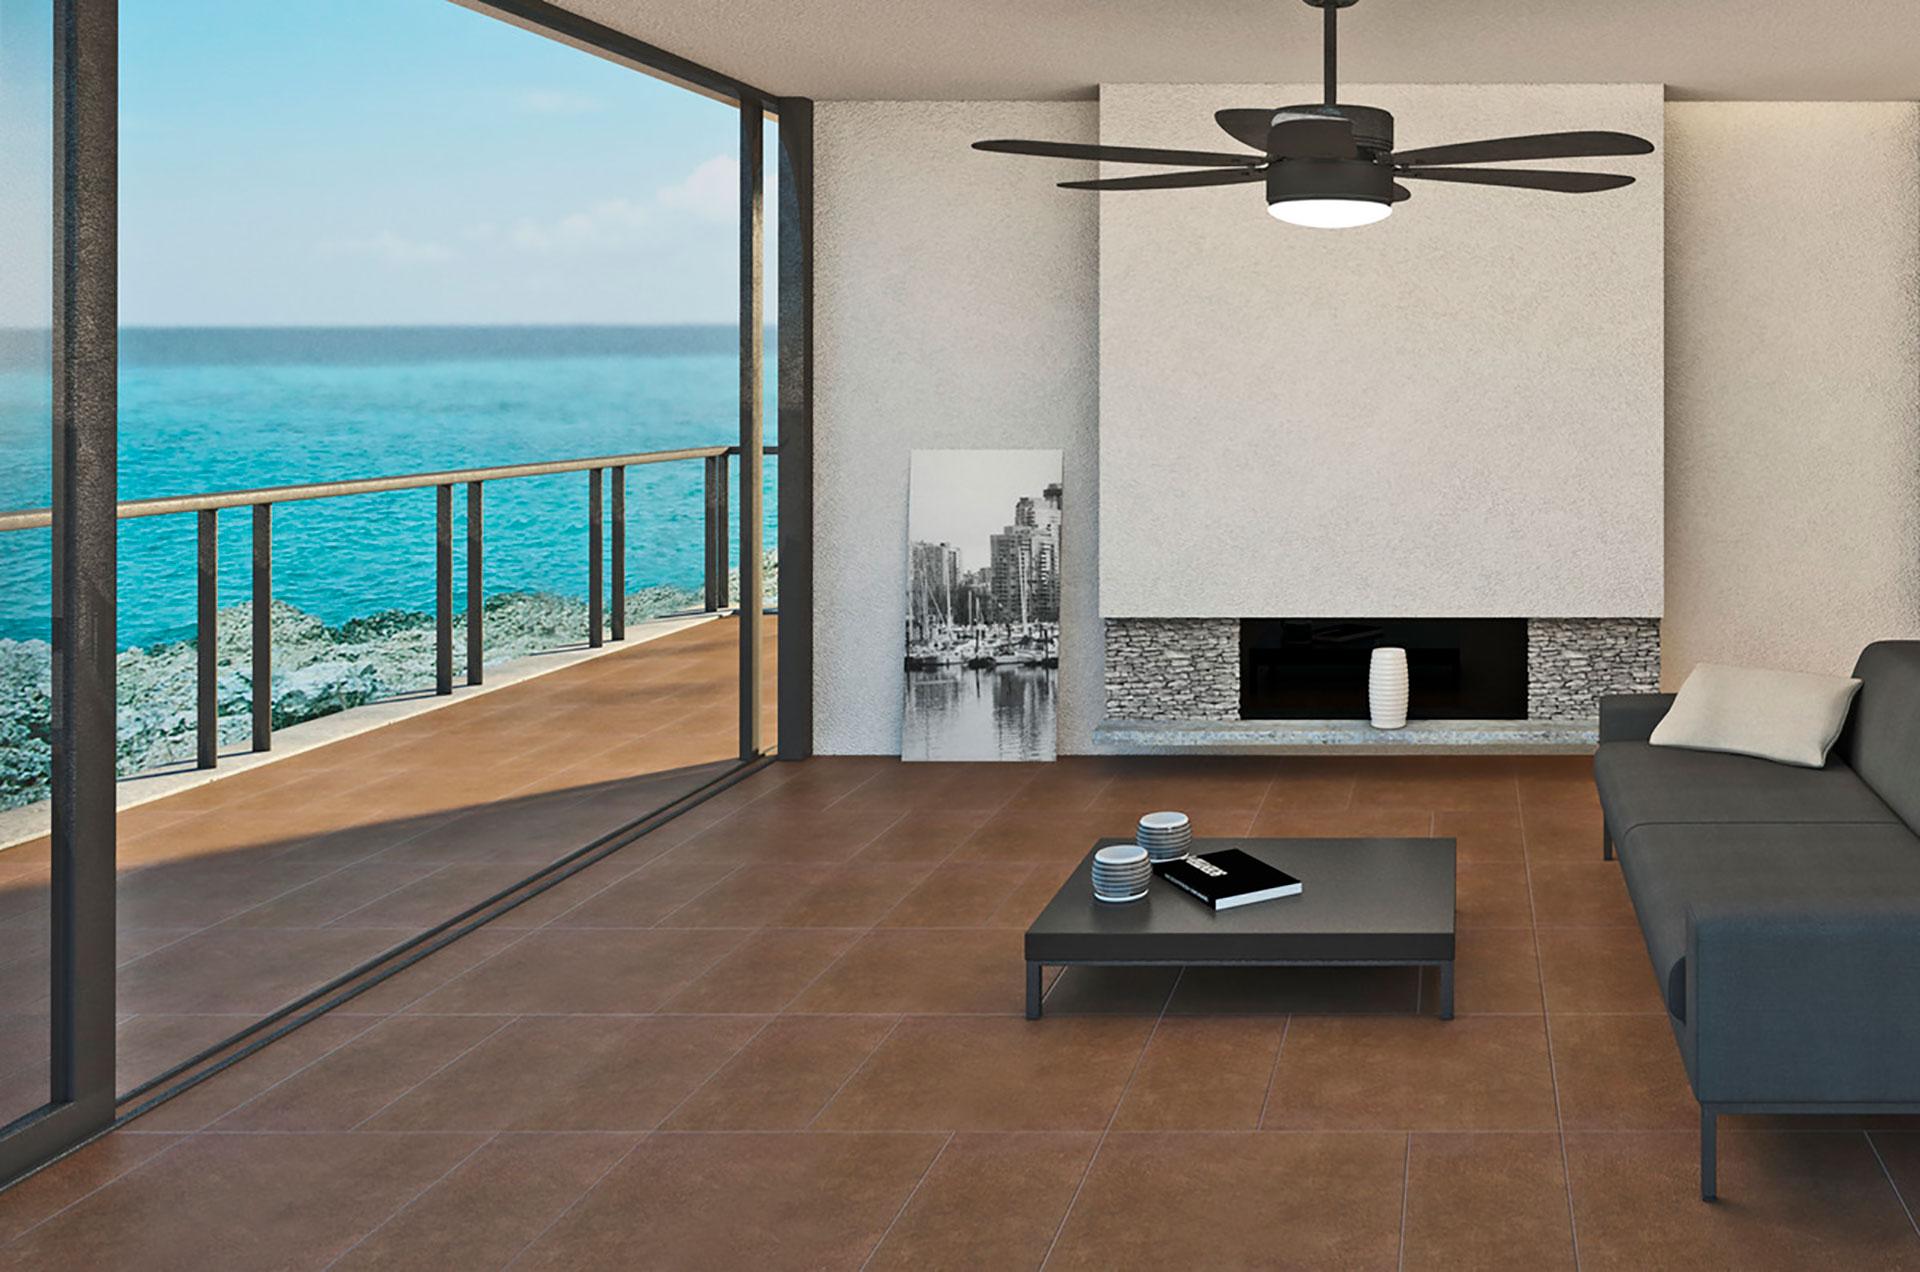 Pietre Naturali High-Tech Ariostea para el diseño en 2019